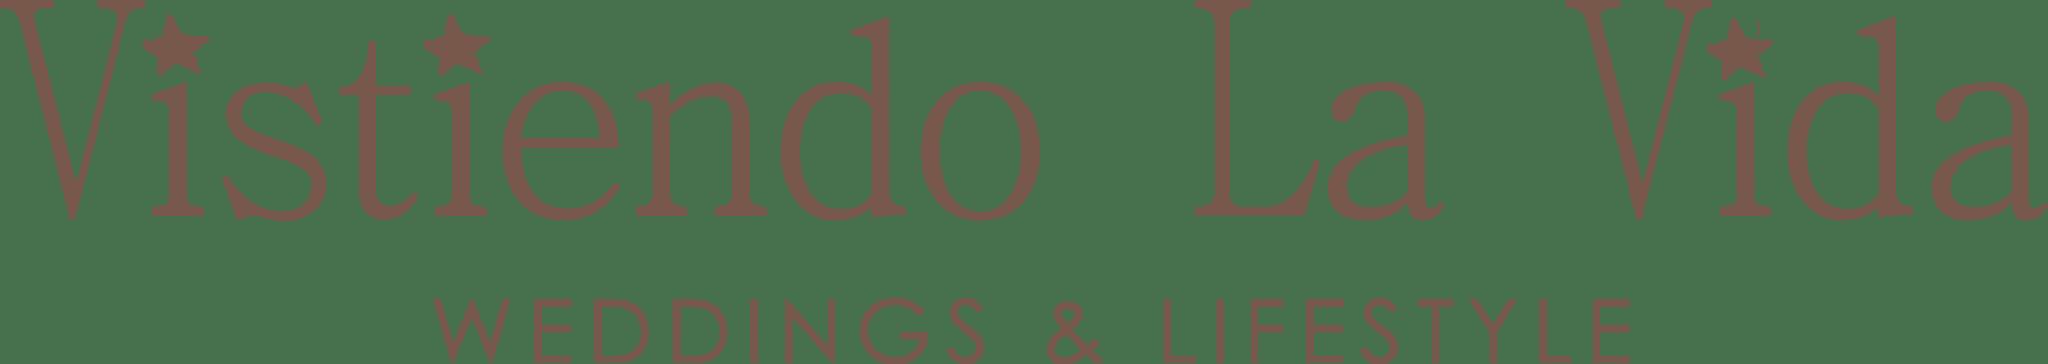 Vistiendo La Vida - Weddings & Lifestyle by Sandra Junco